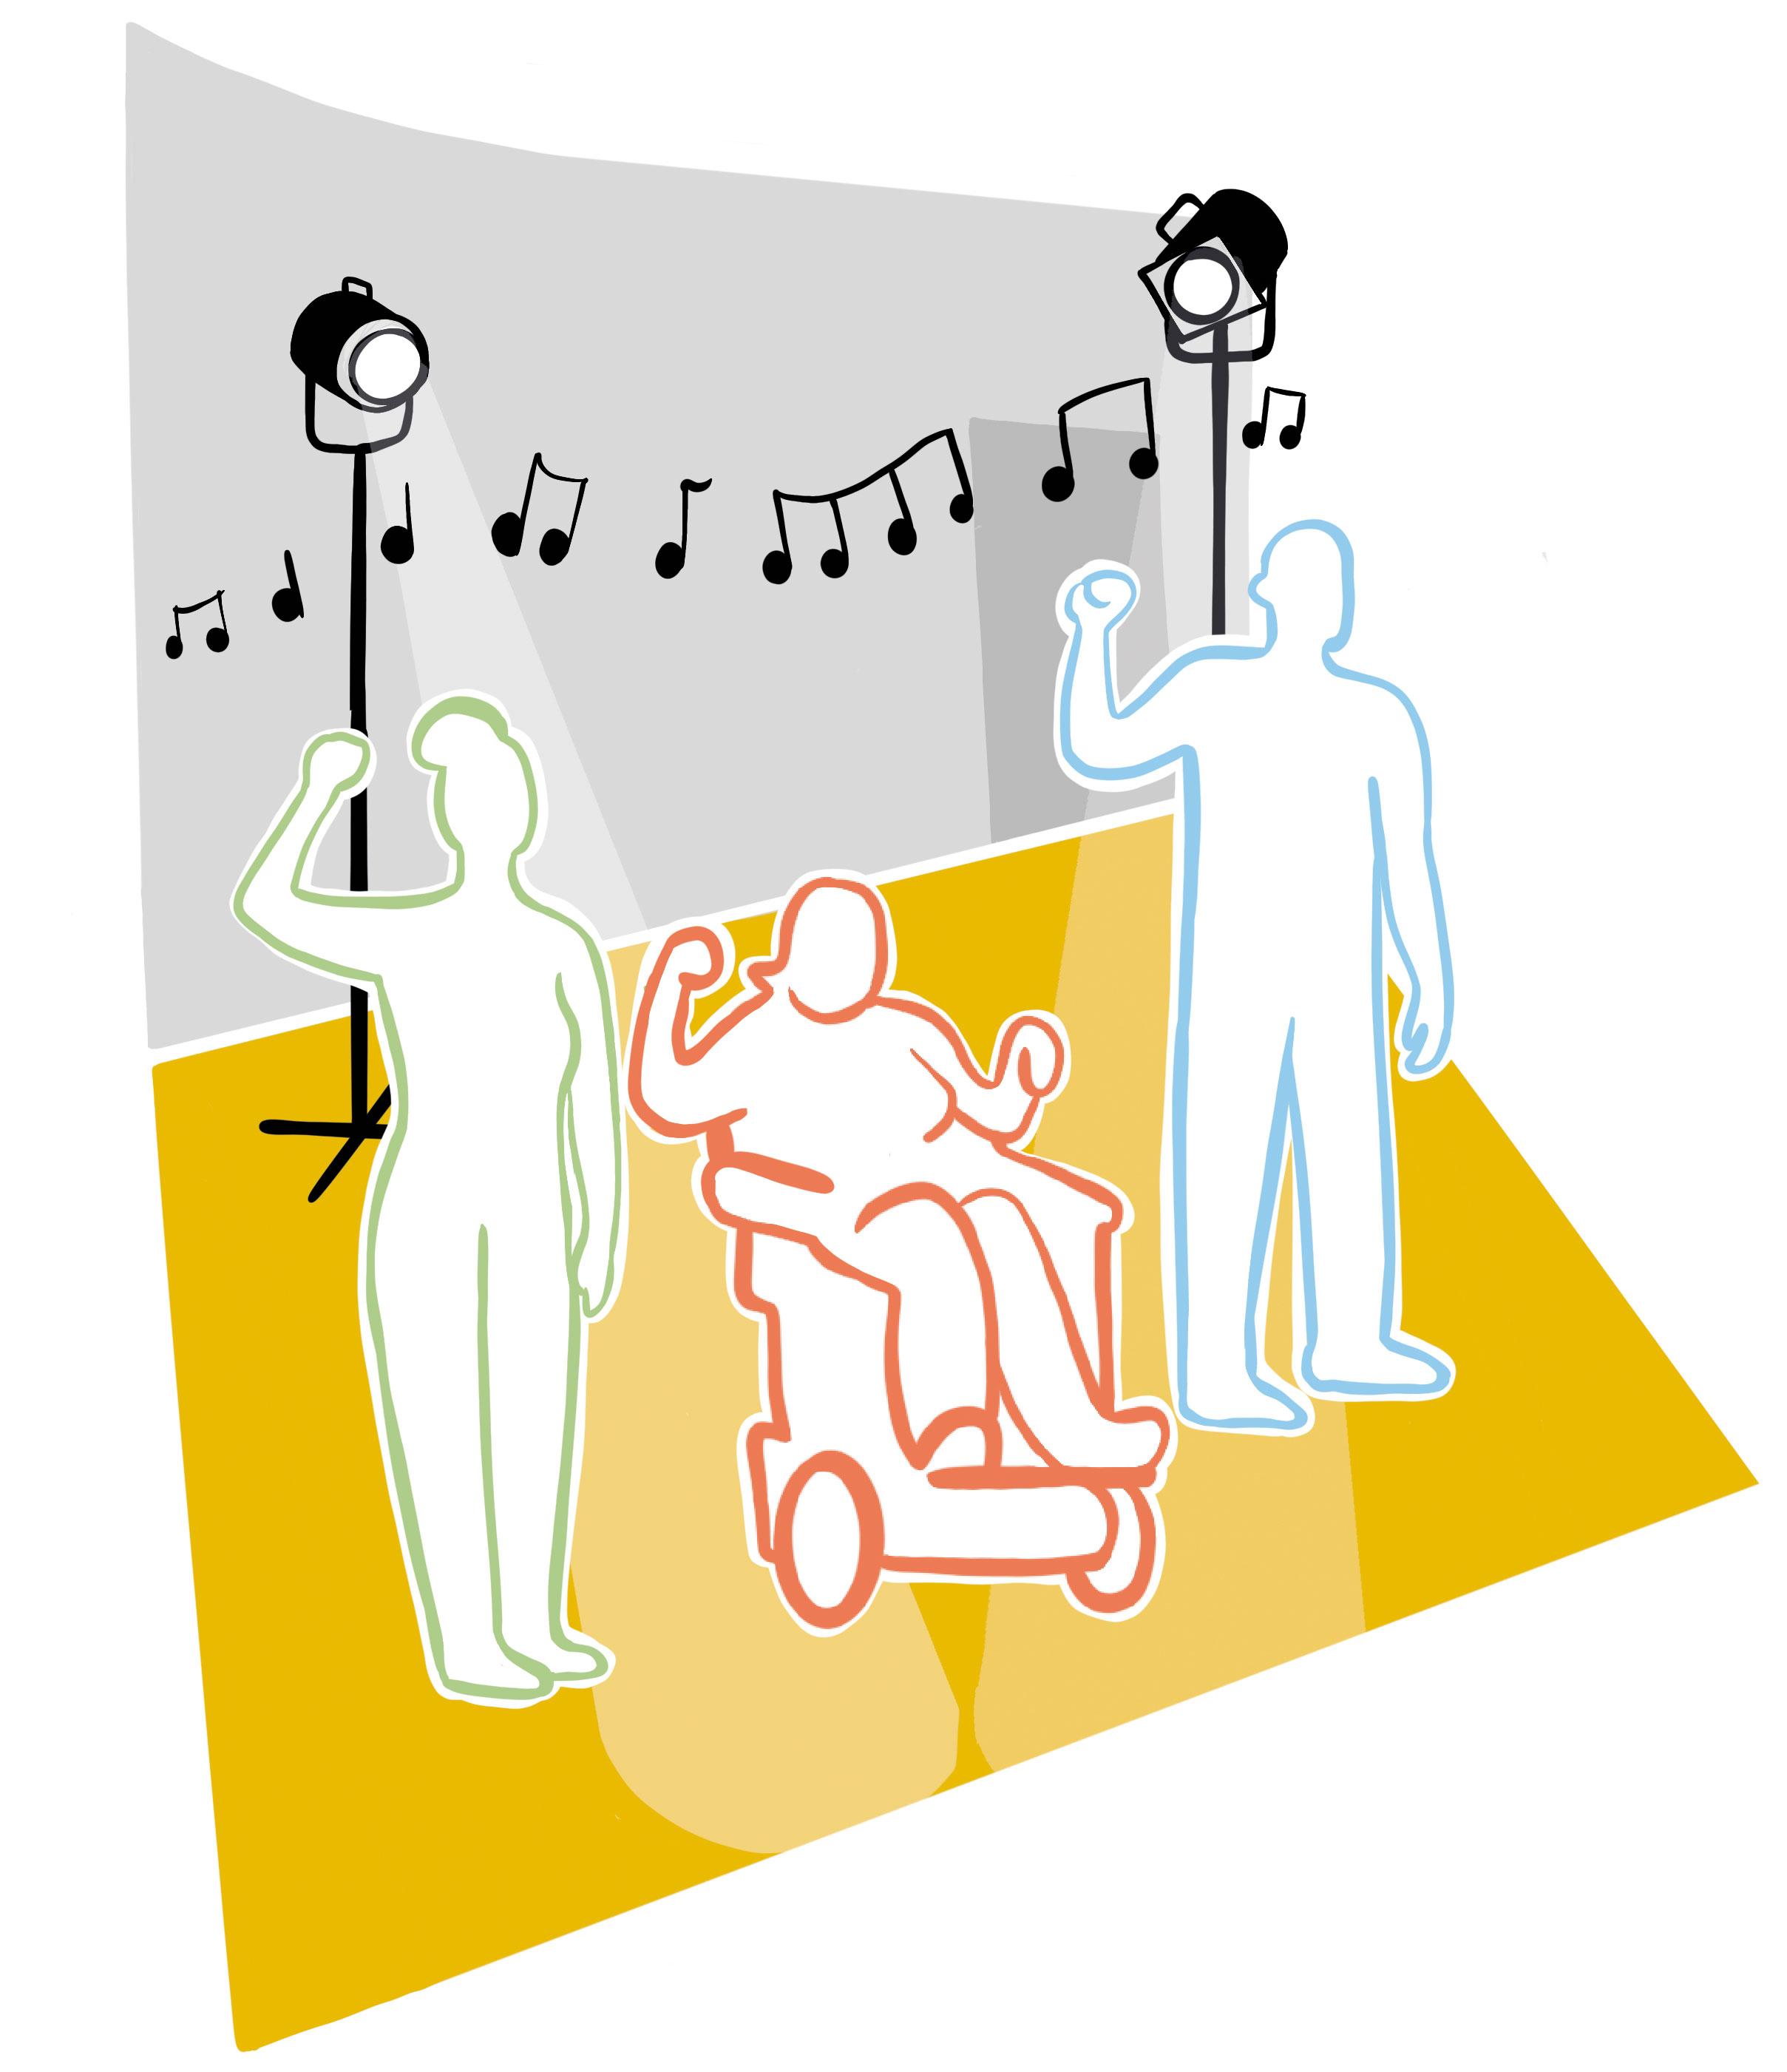 3 Tänzer:innen auf einer Bühne. Sie stehen nebeneinander und halten eine solidarische Faus hoch.